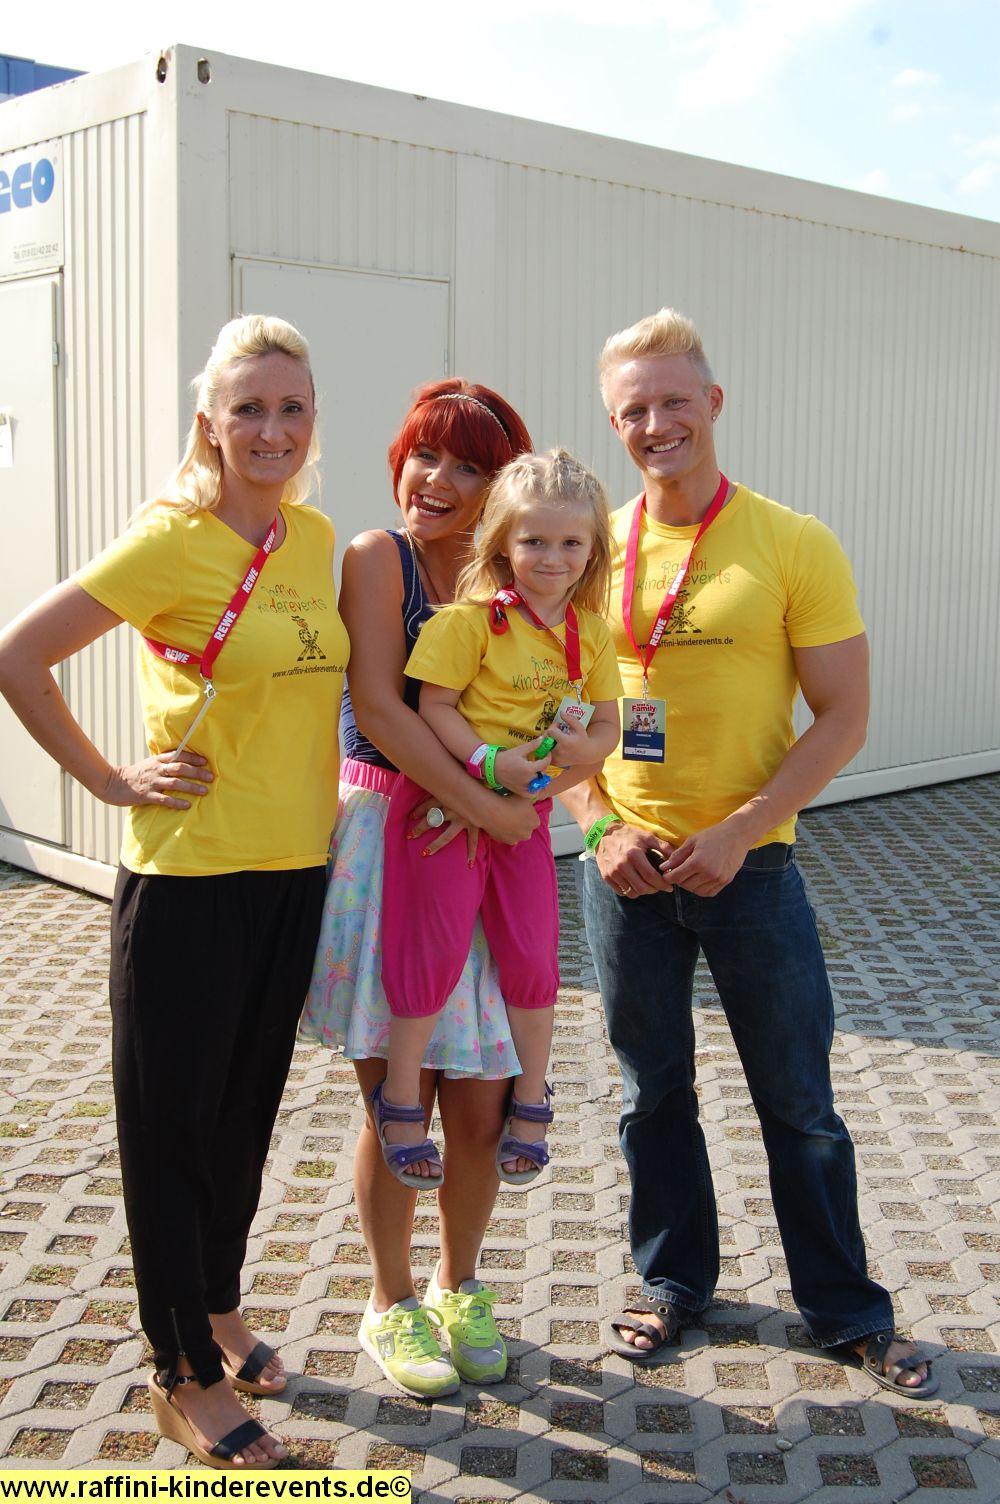 Raffini Kinderevents - Veranstaltungsberichte Rhein-Neckar